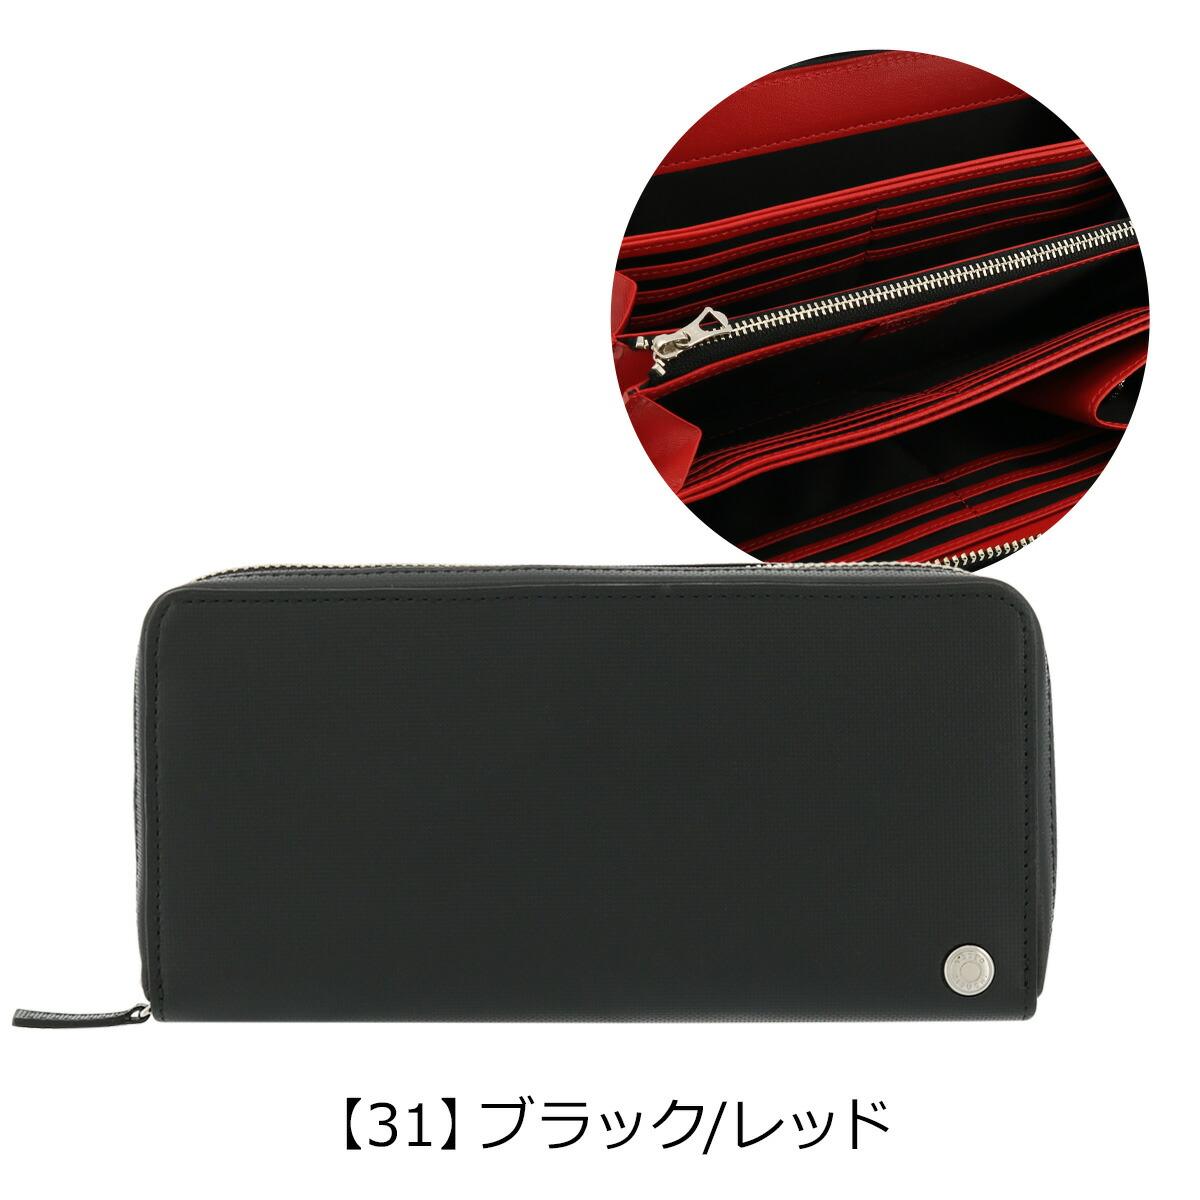 【31】ブラック/レッド